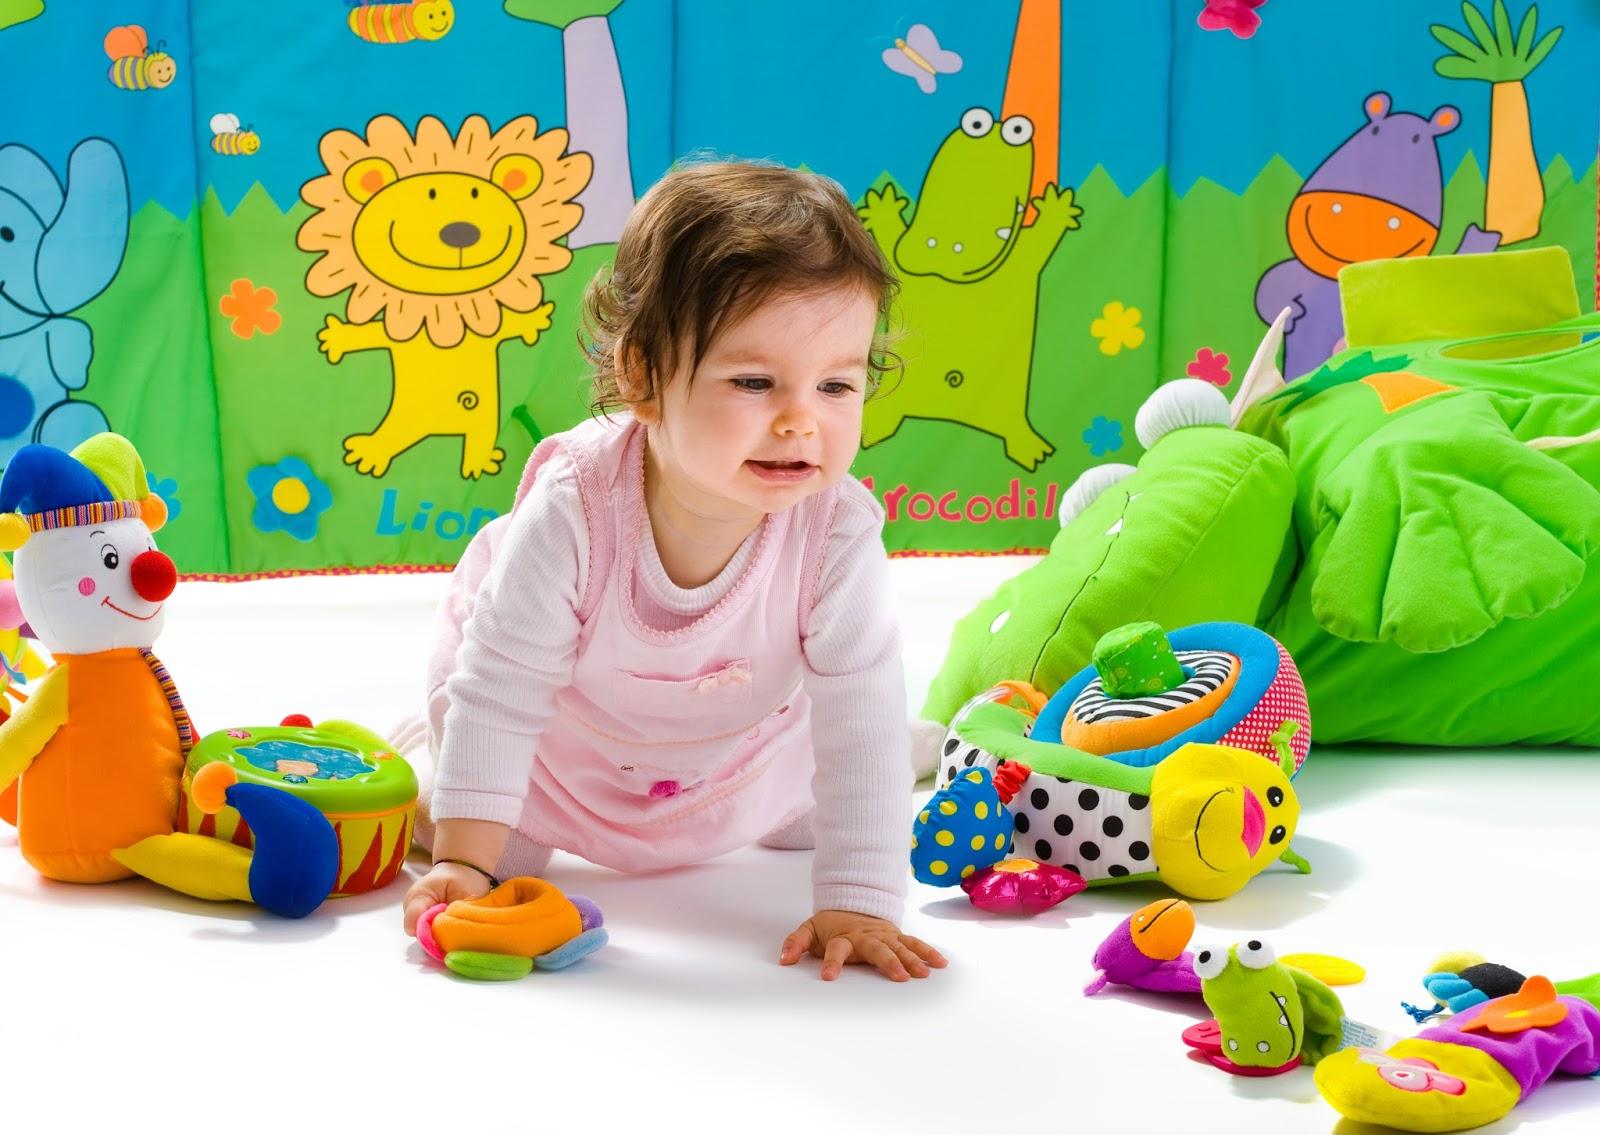 Çocukların oyuncakla uyuması zararlı mı